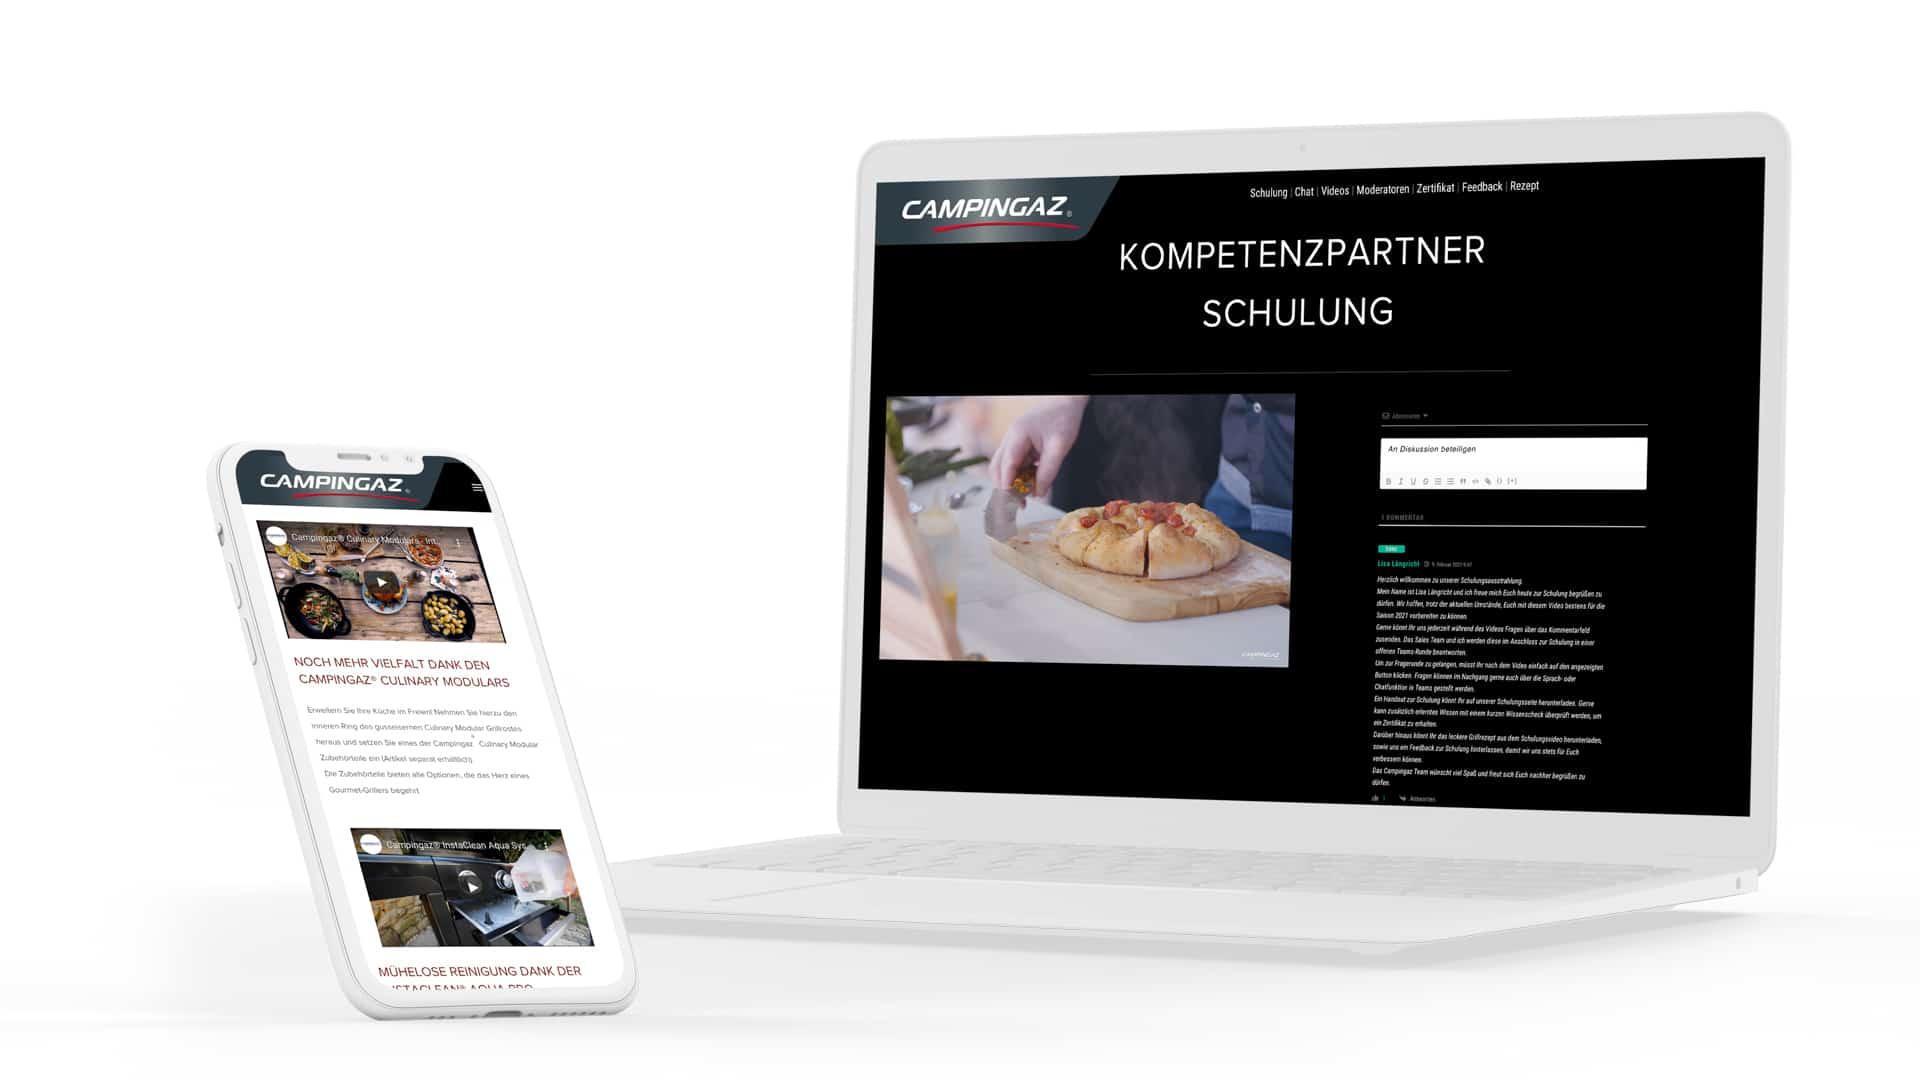 Videoproduktion und Eventhomepage Entwicklung Agentur in Frankfurt